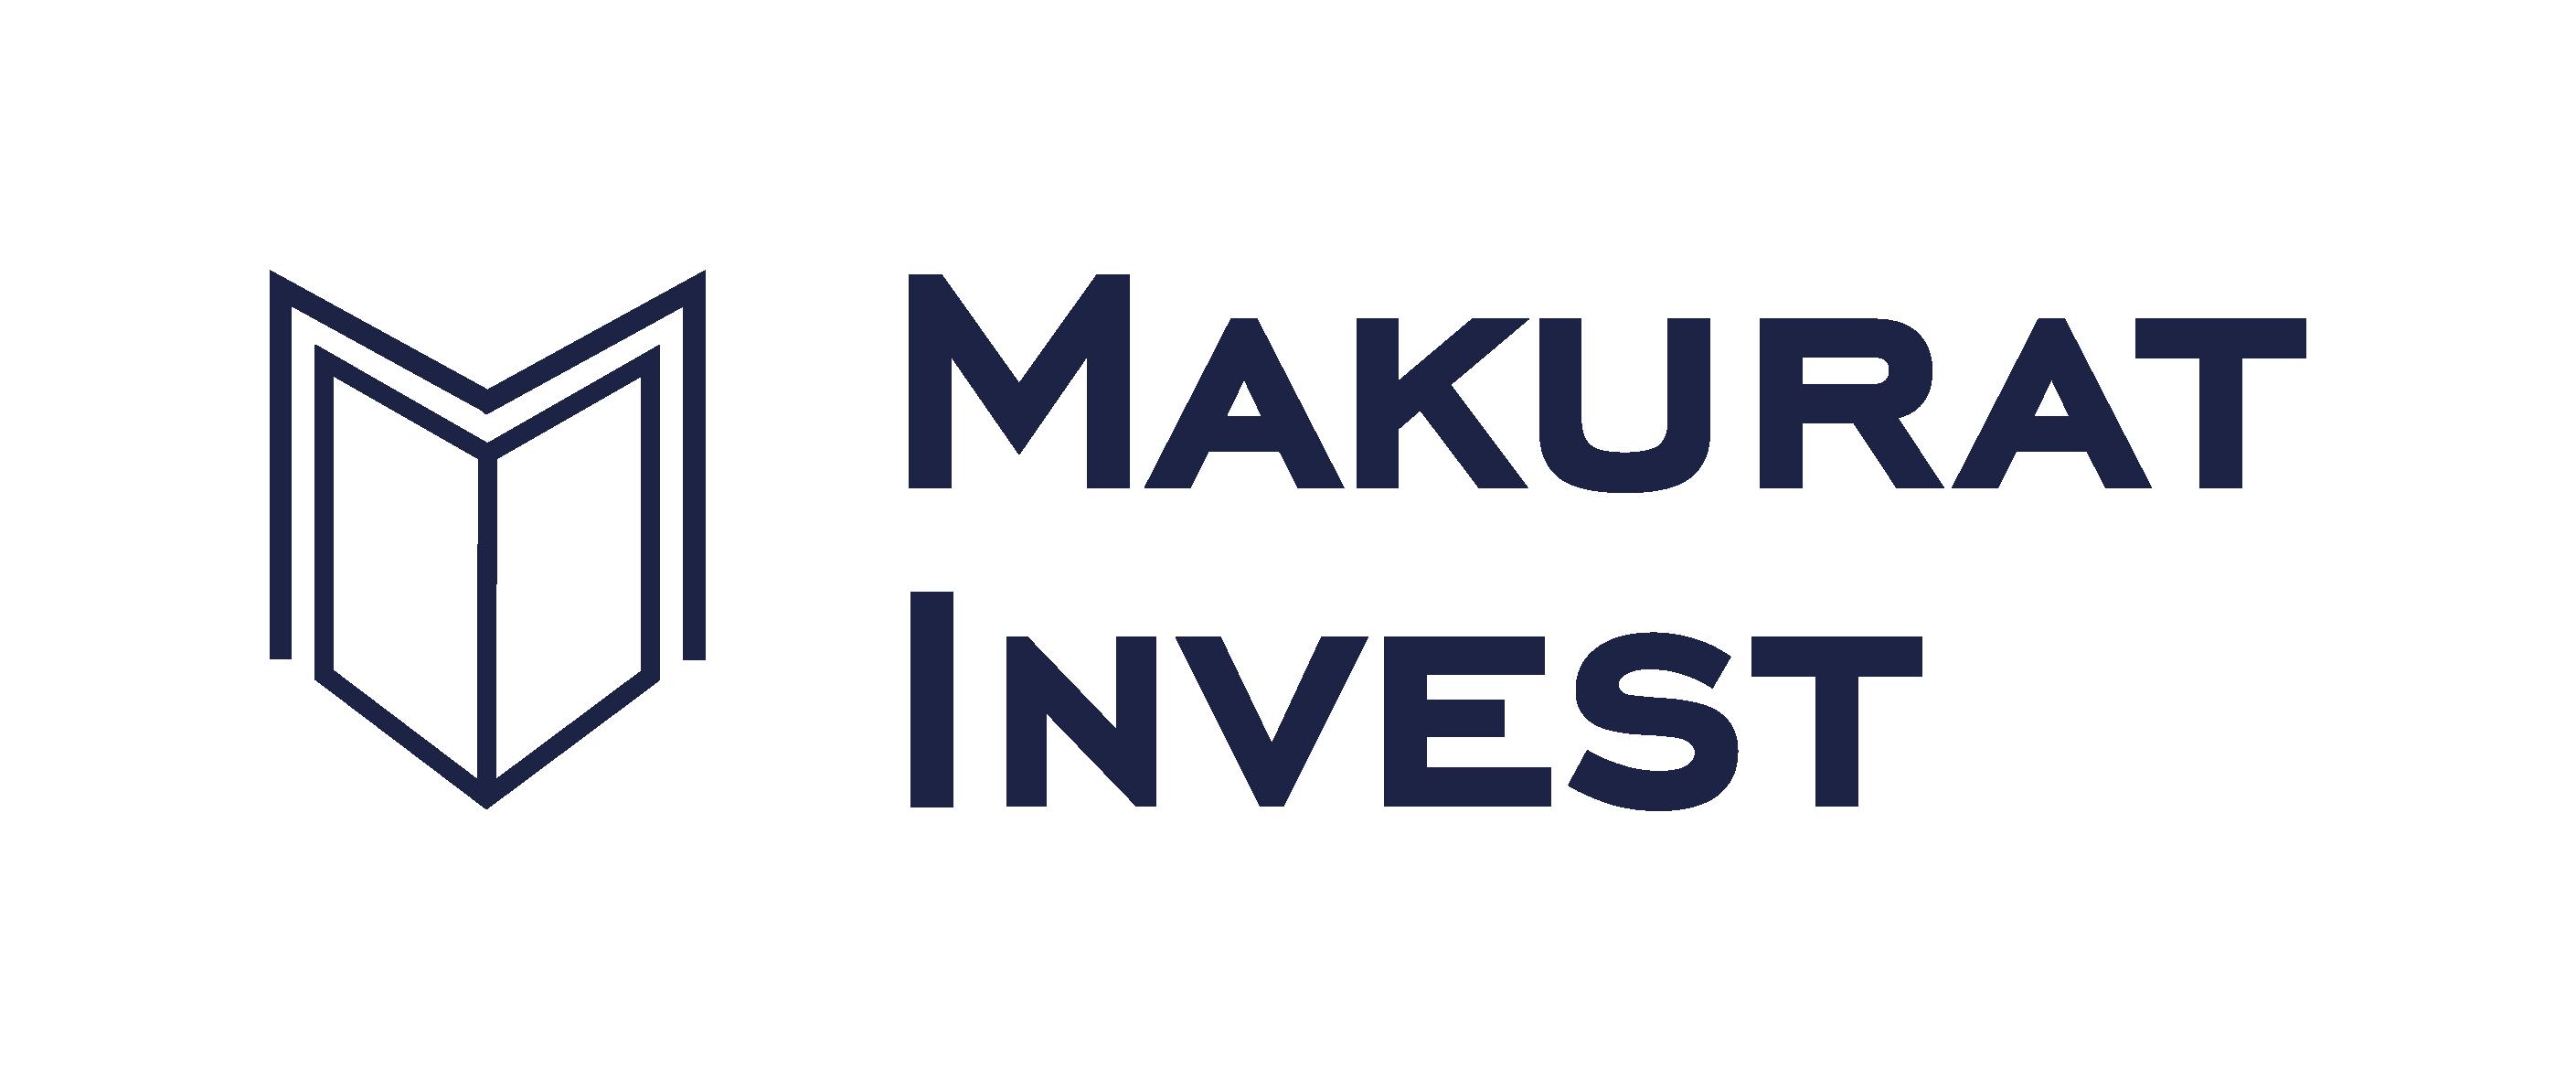 Makurat Invest